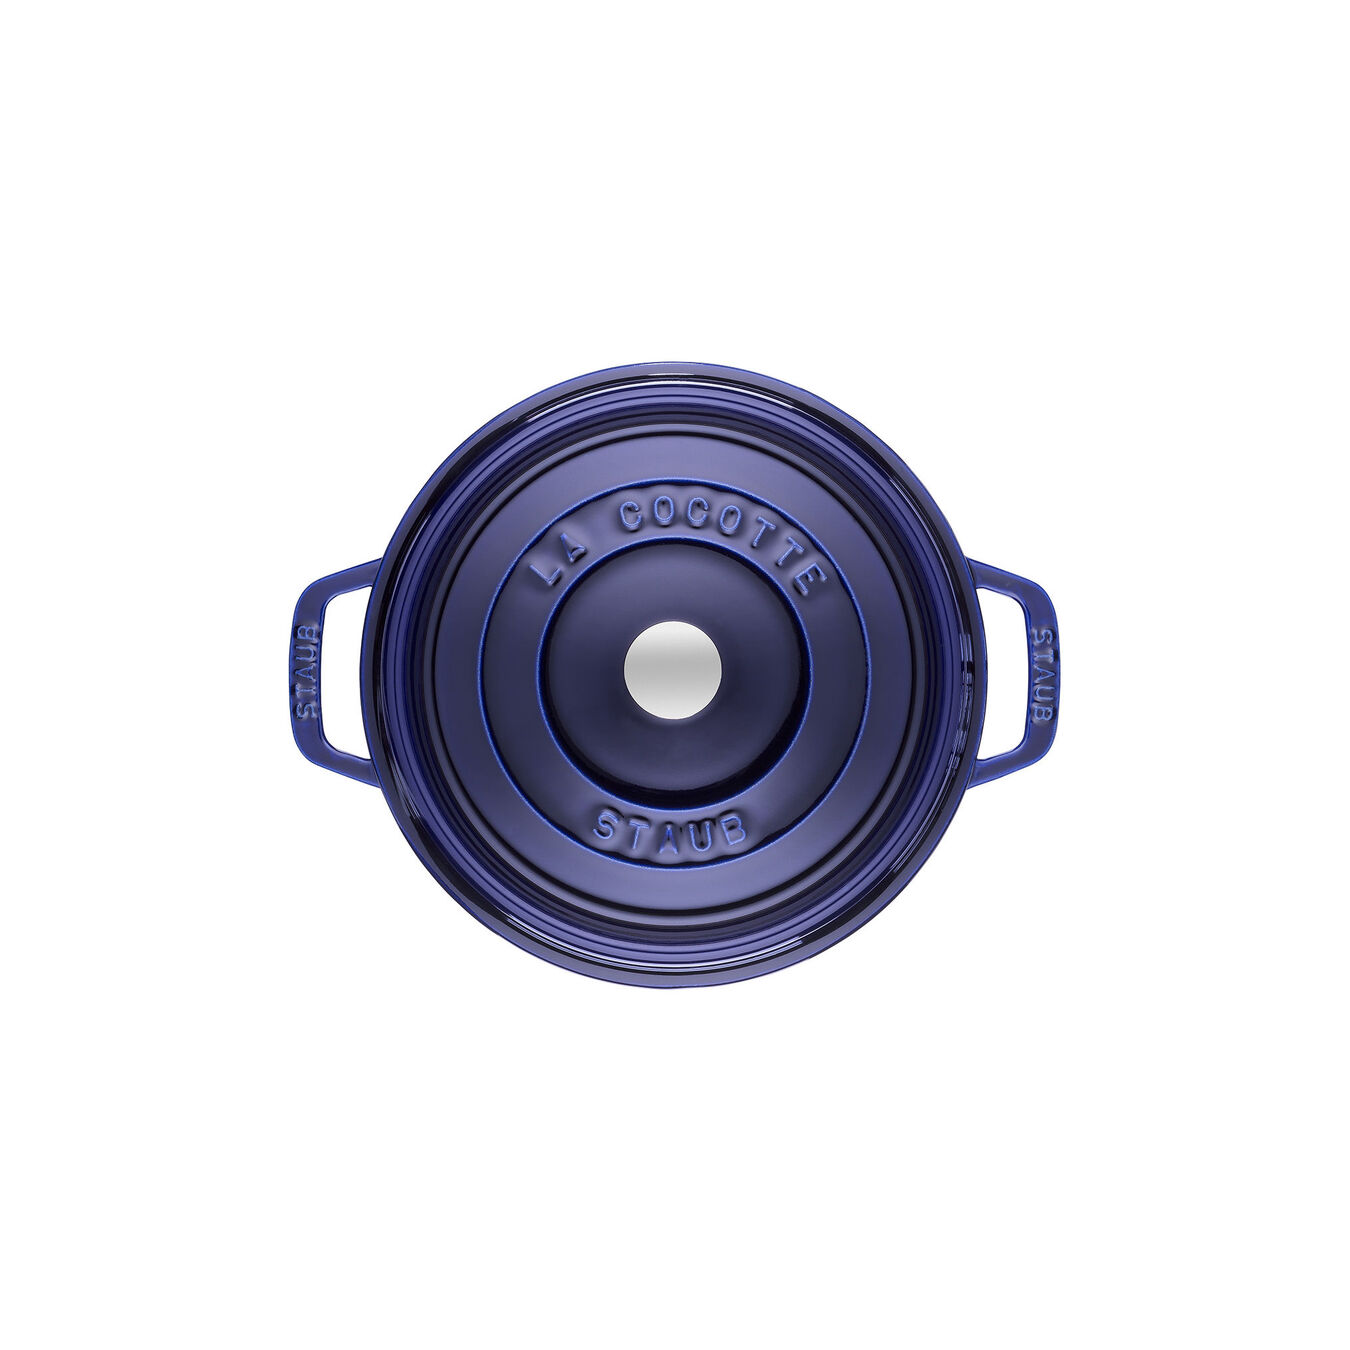 Caçarola 22 cm, redondo, azul marinho, Ferro fundido,,large 2